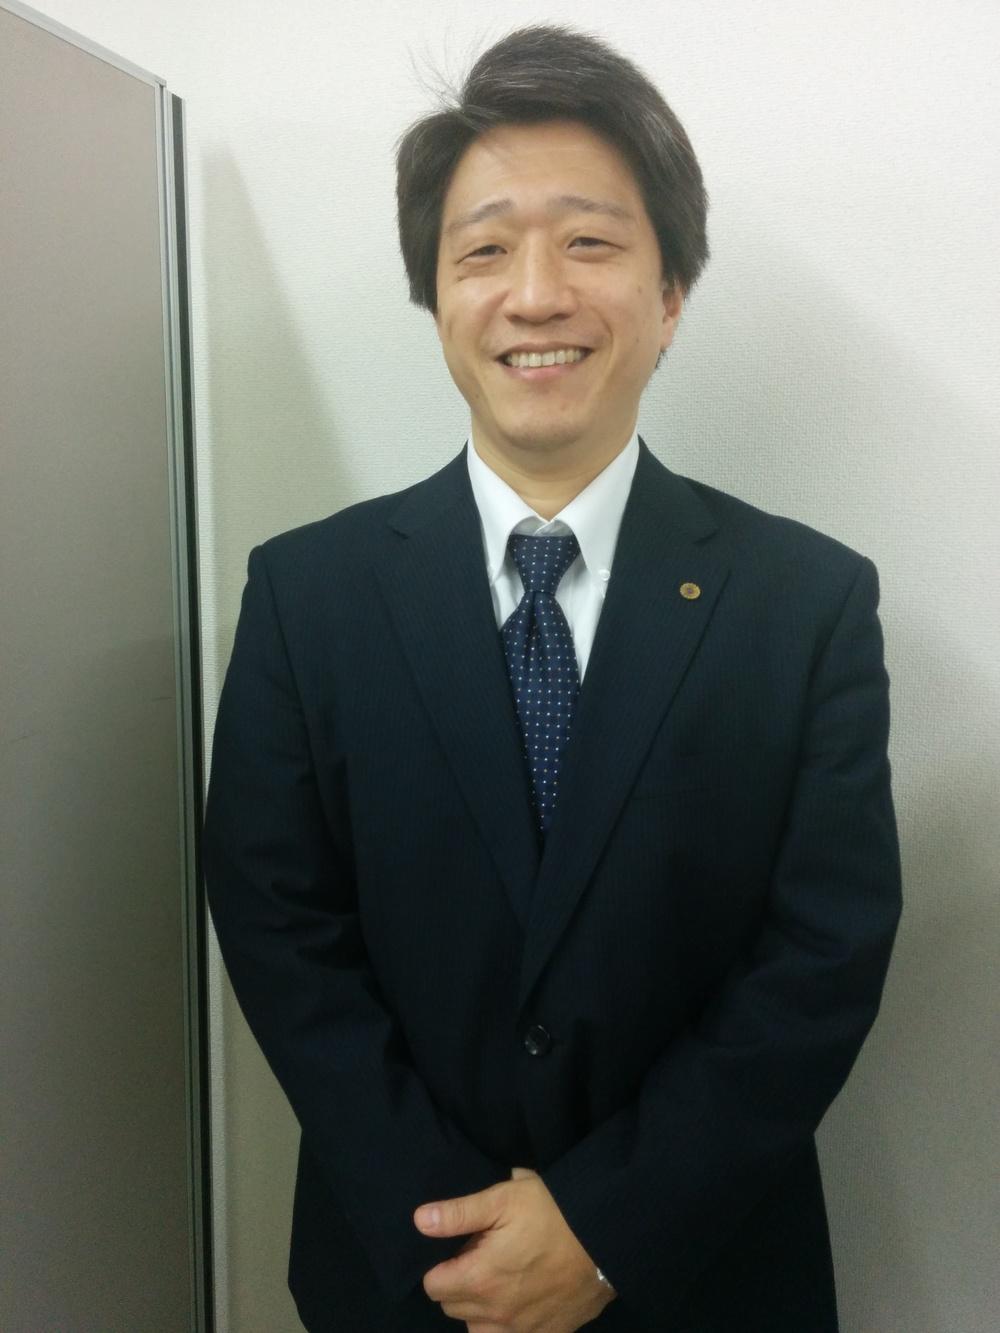 ヒューマンバリューアソシエイツ・松崎様